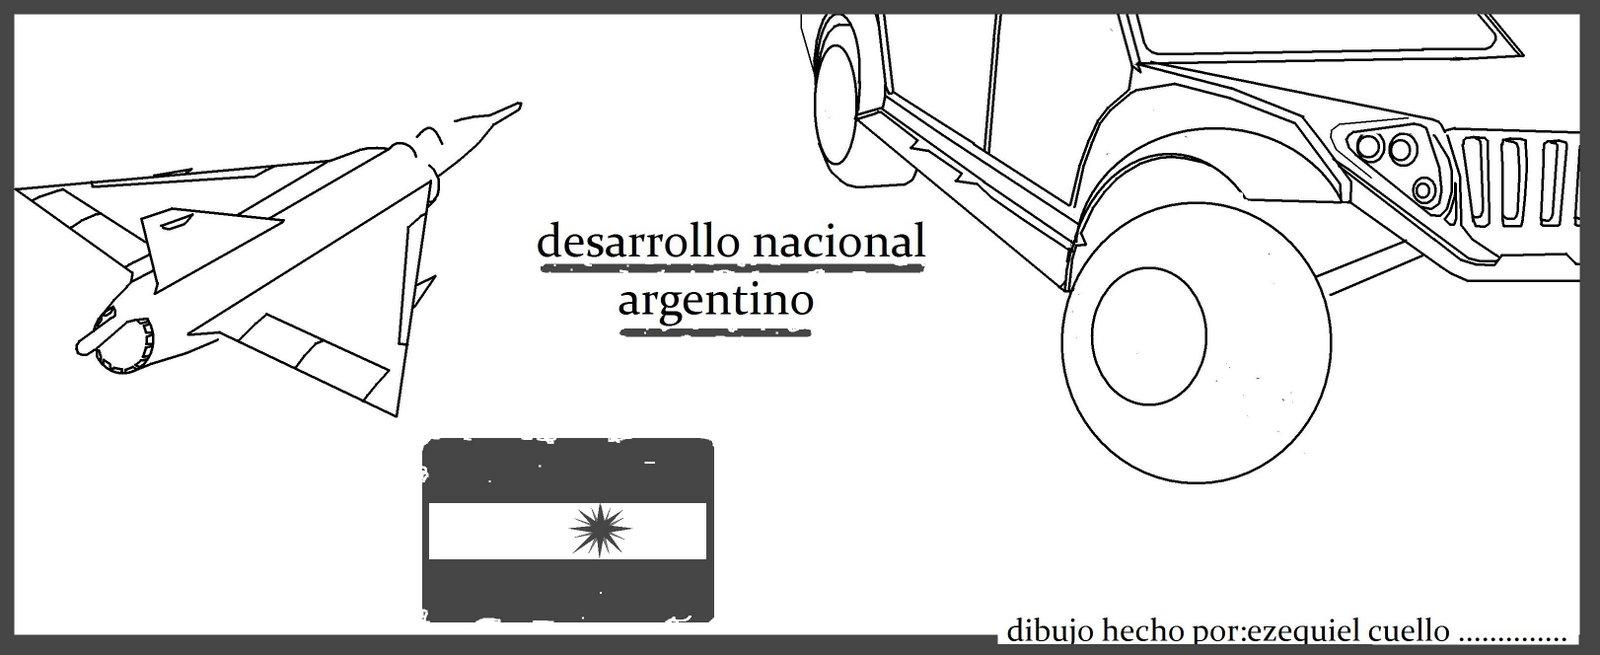 desarrollo nacional Argentino